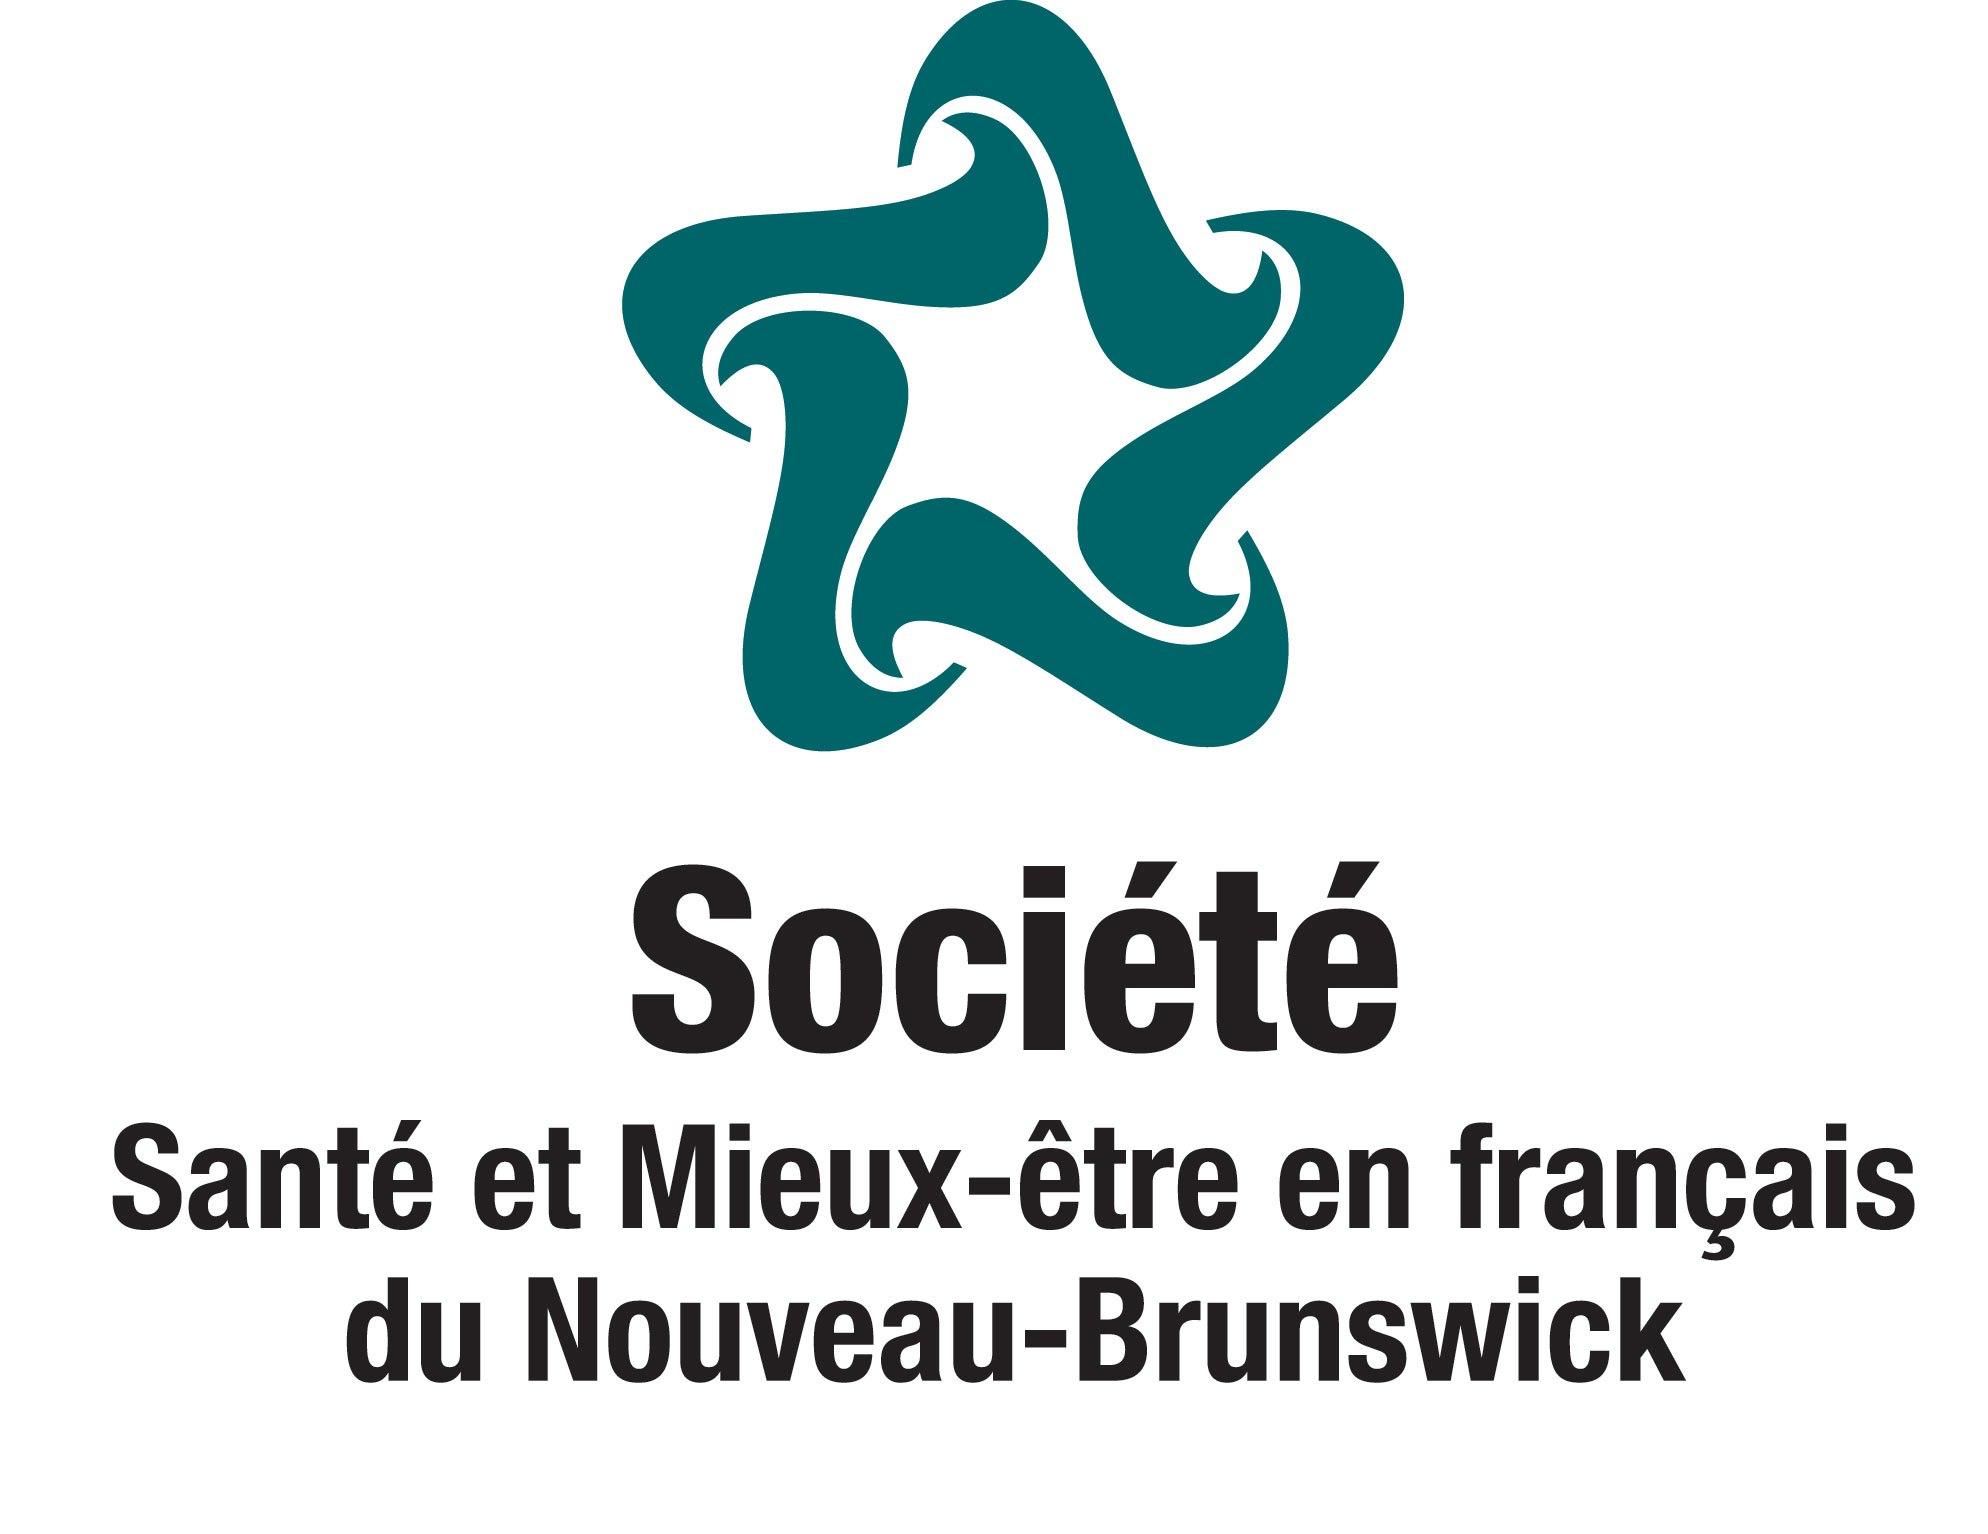 Societe Sante et Mieux-etre en francais du Nouveau-Brunswick.jpg